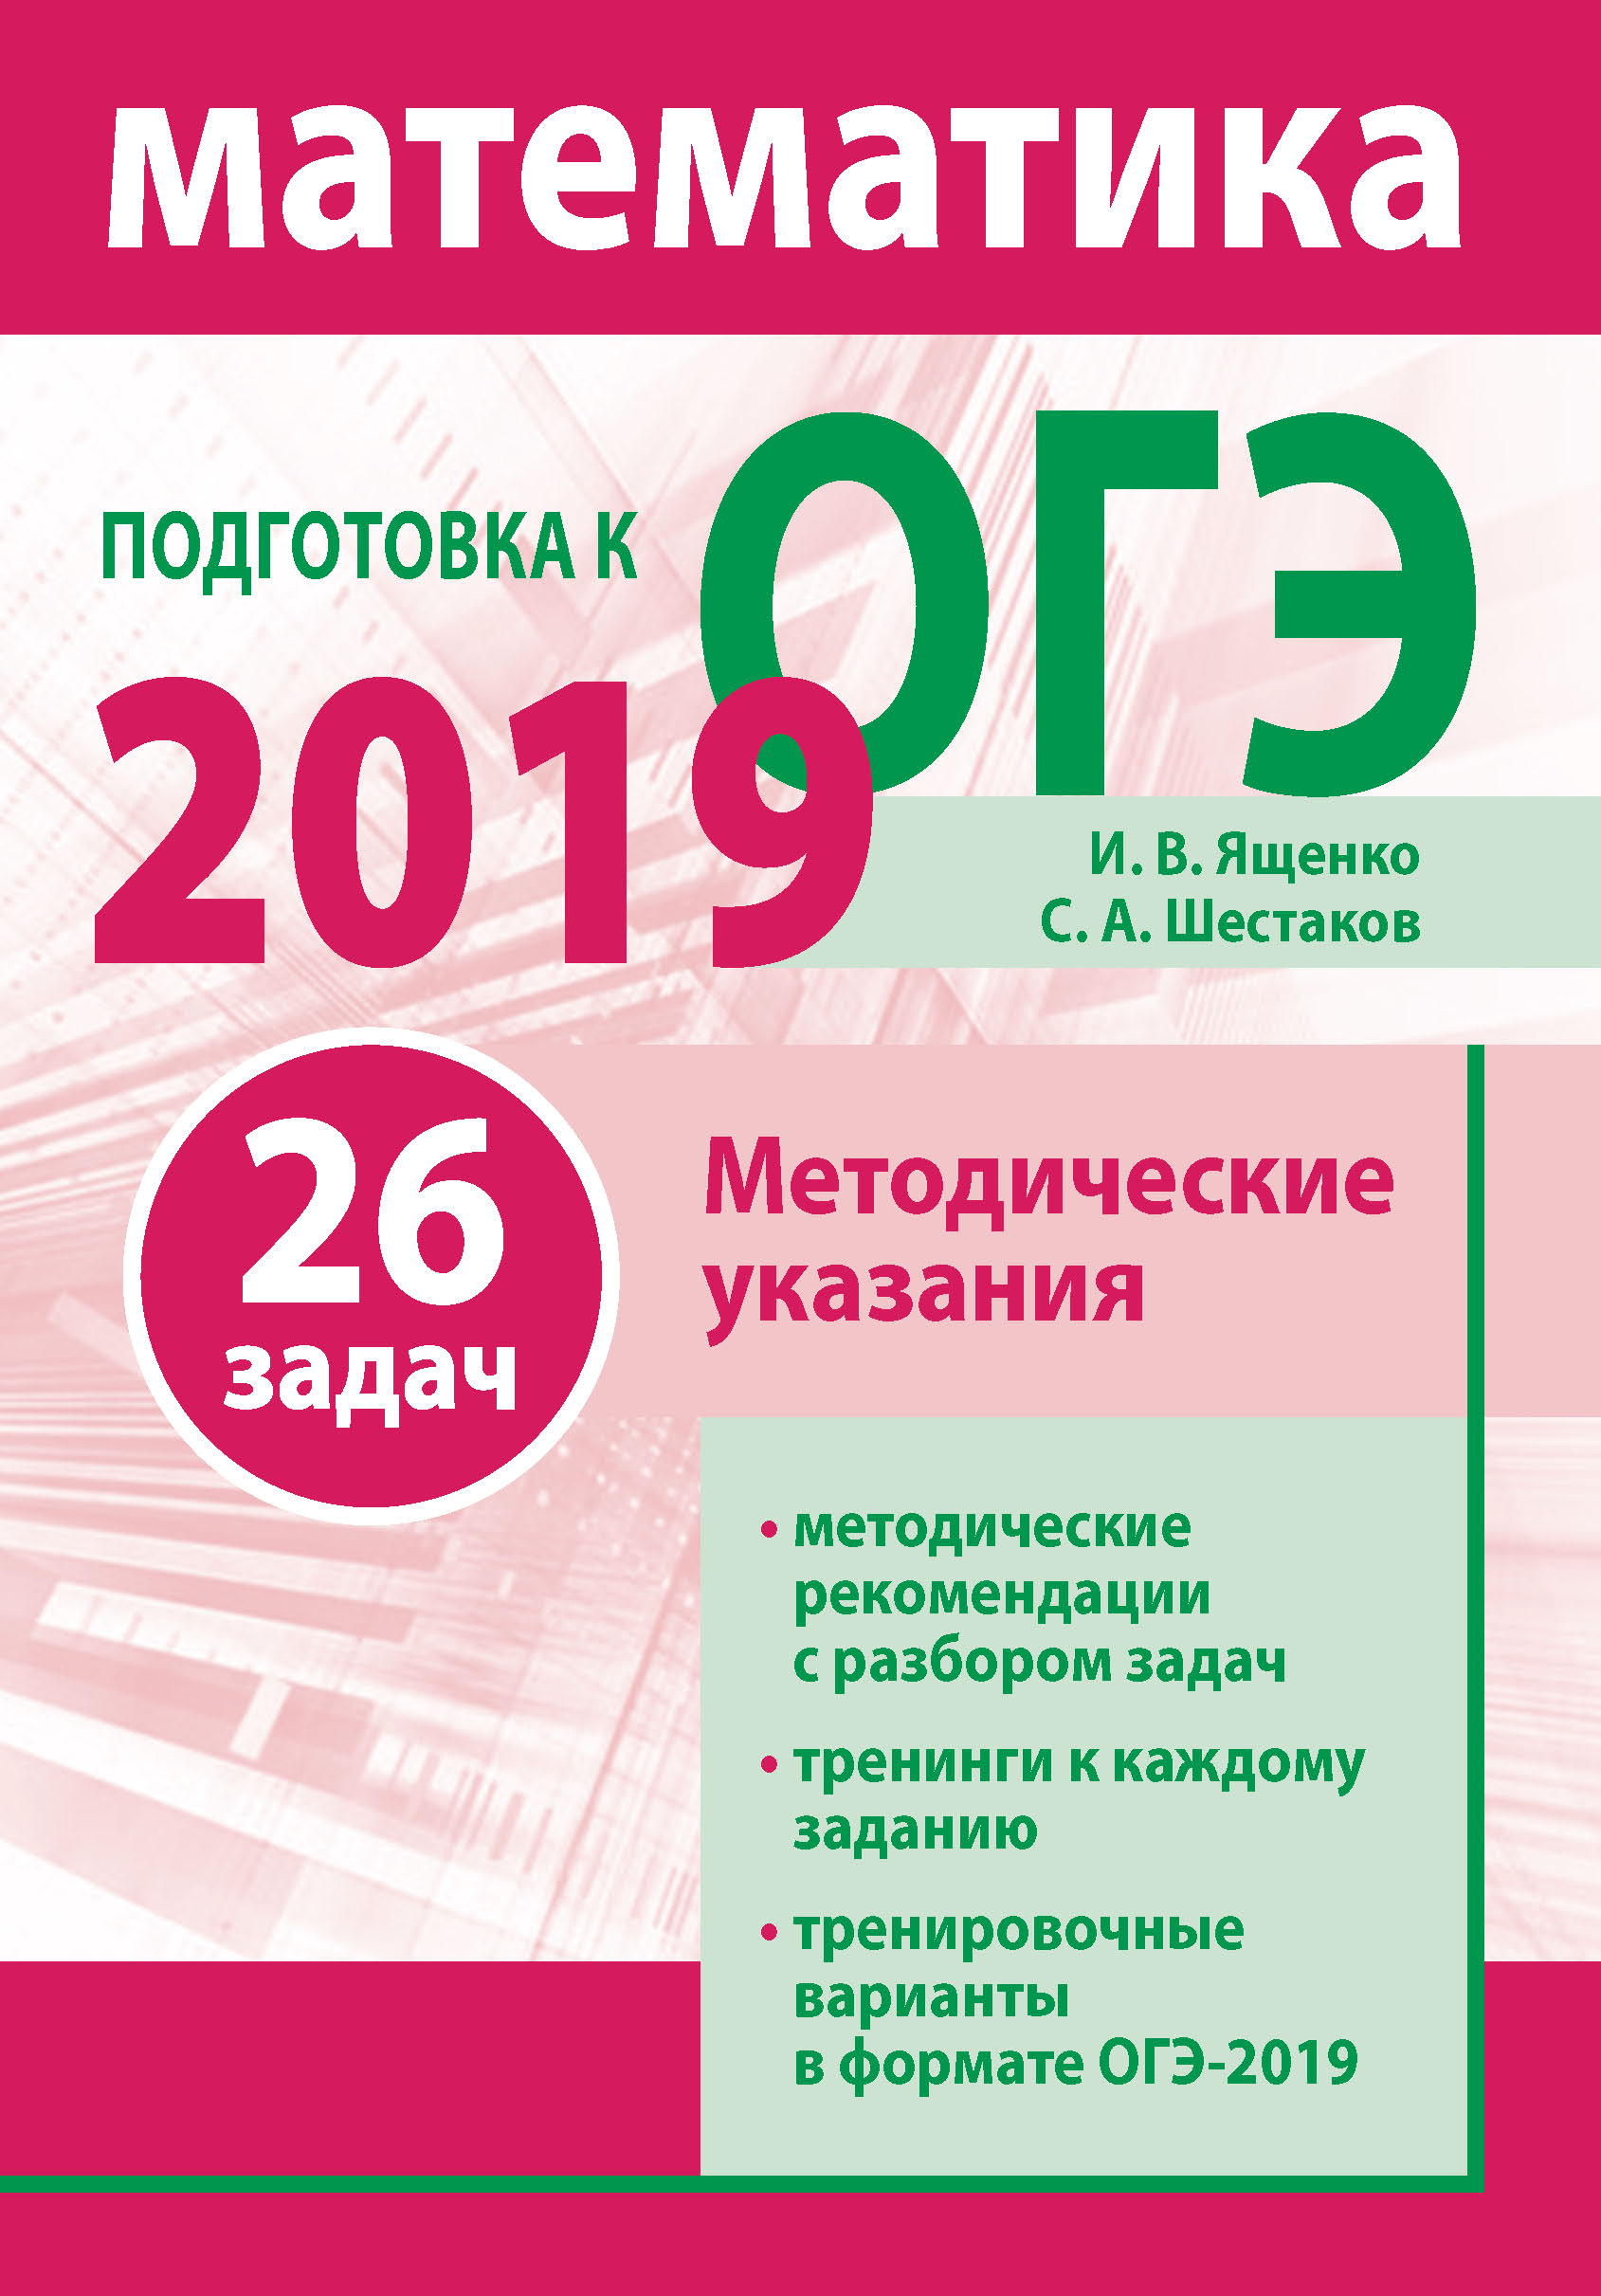 И. В. Ященко Подготовка к ОГЭ по математике 2019. Методические указания